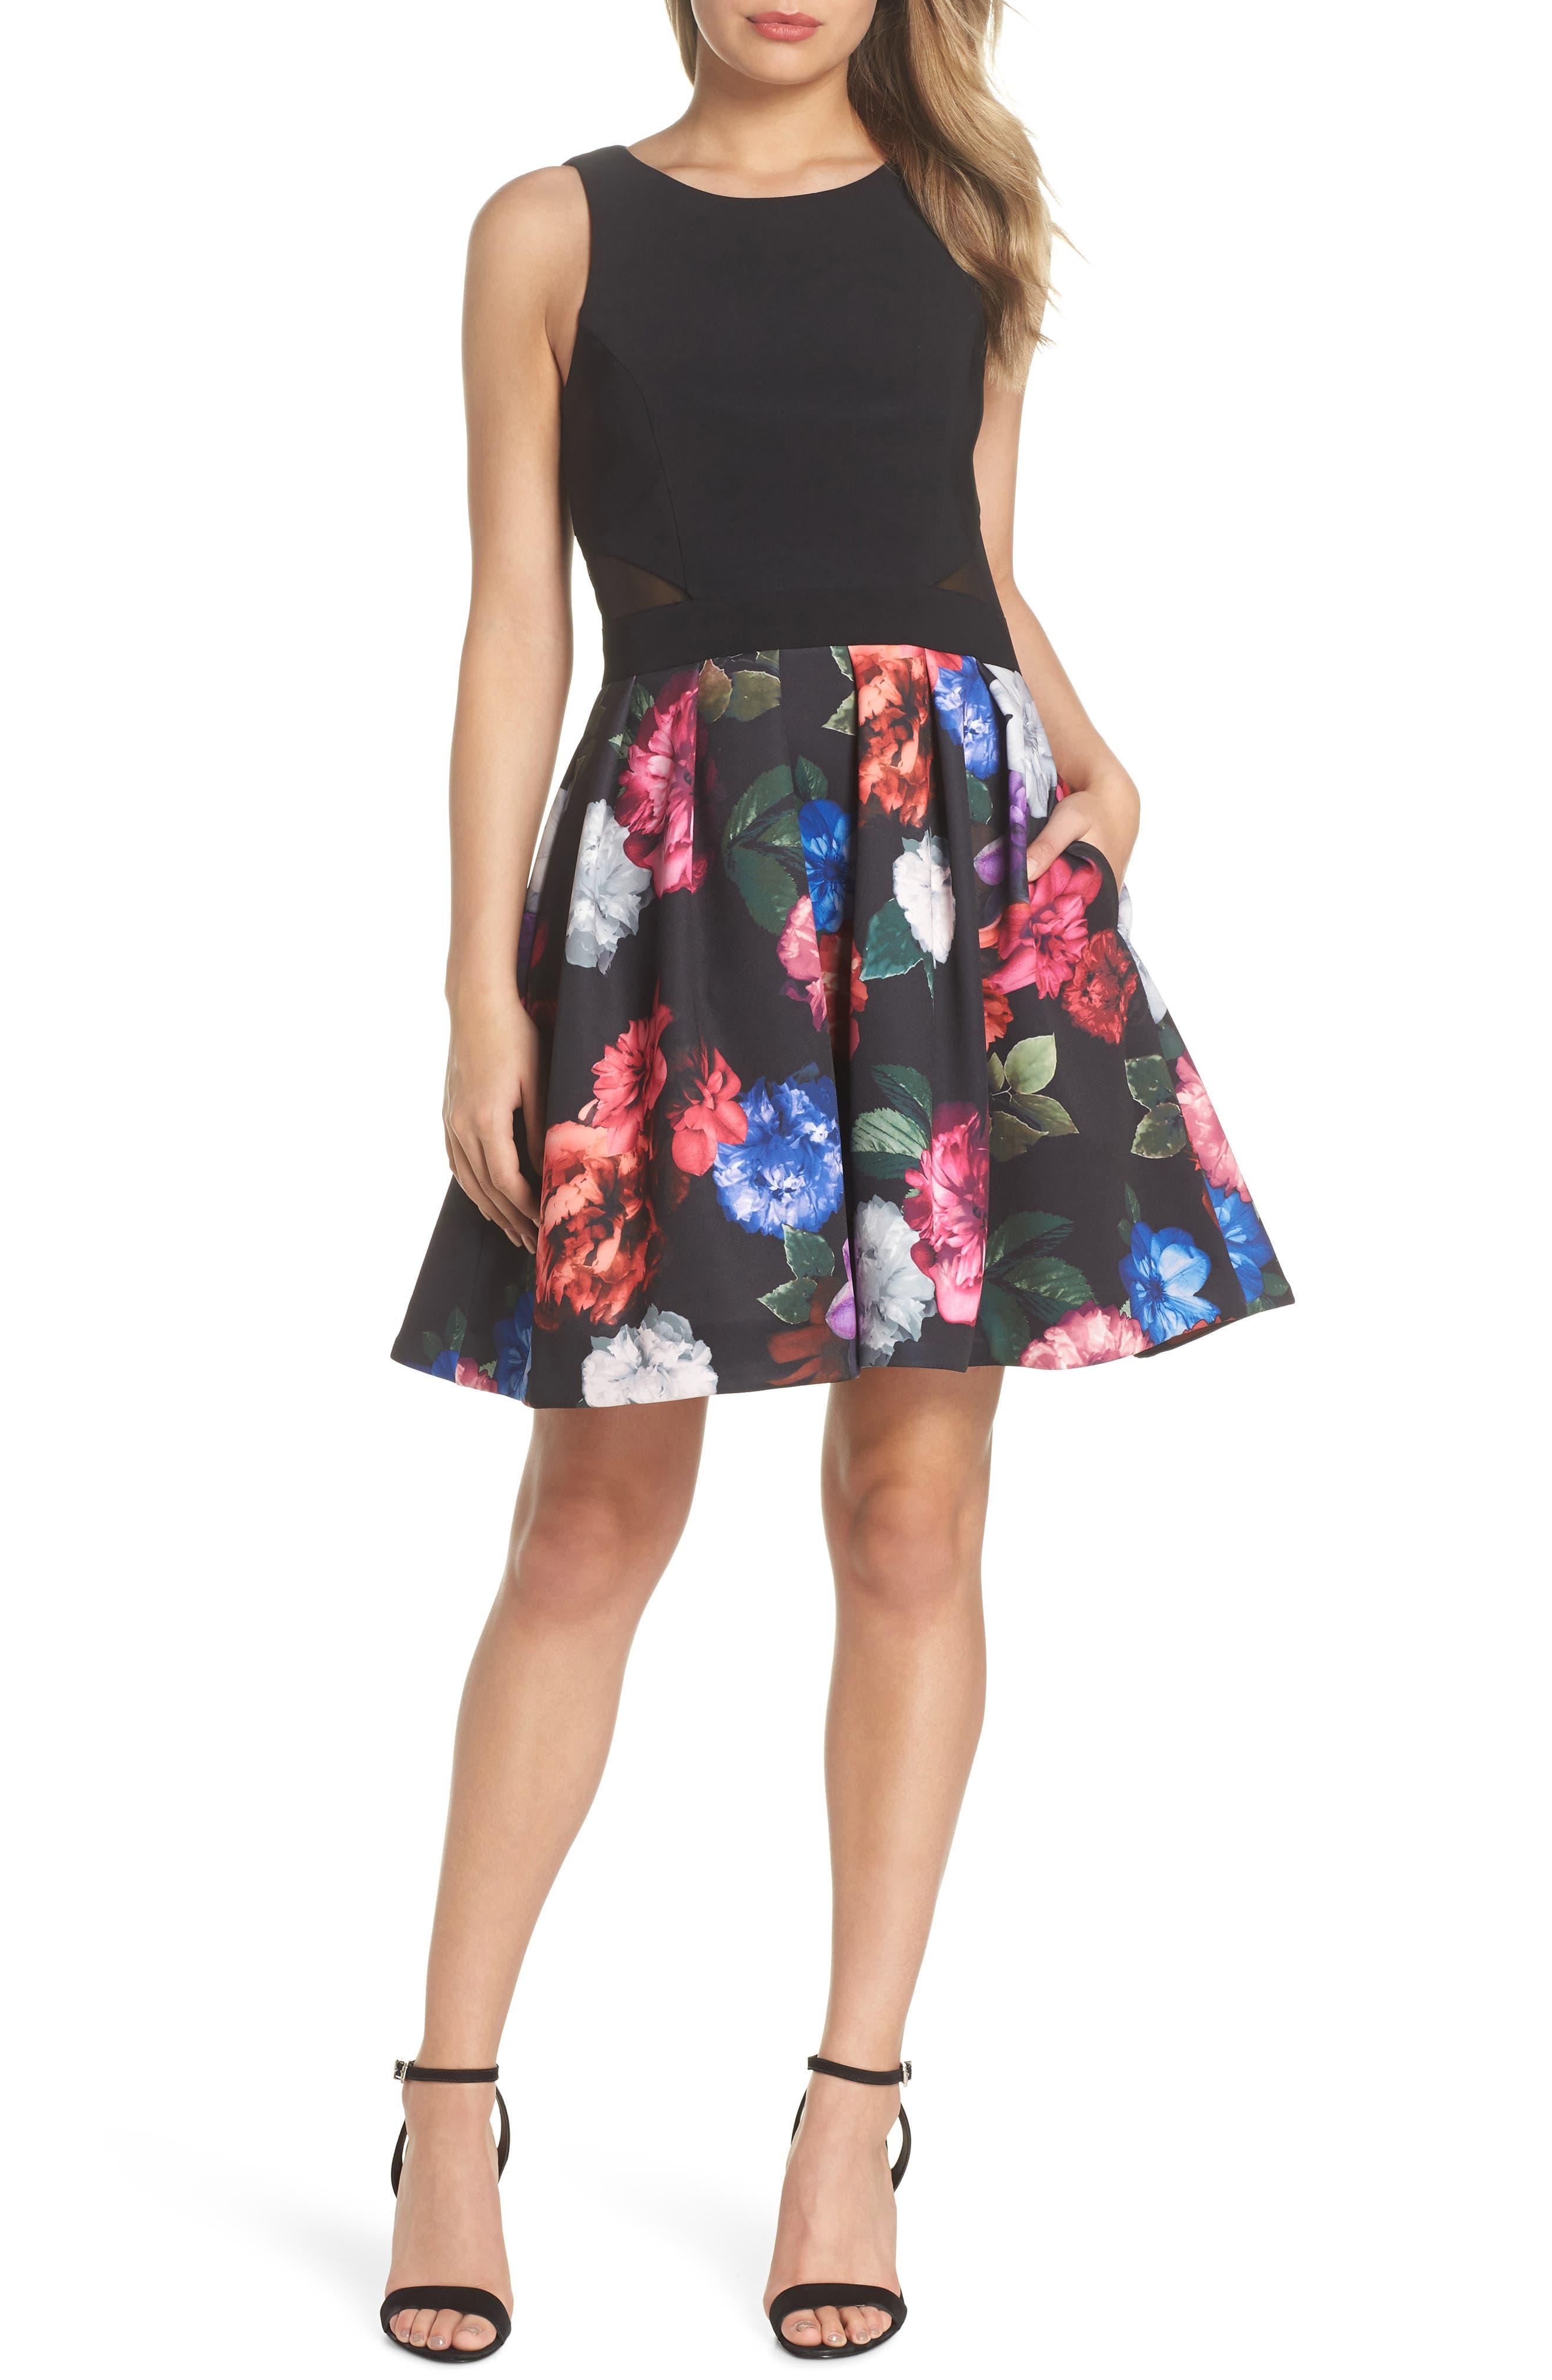 Xscape Floral Print Fit & Flare Dress